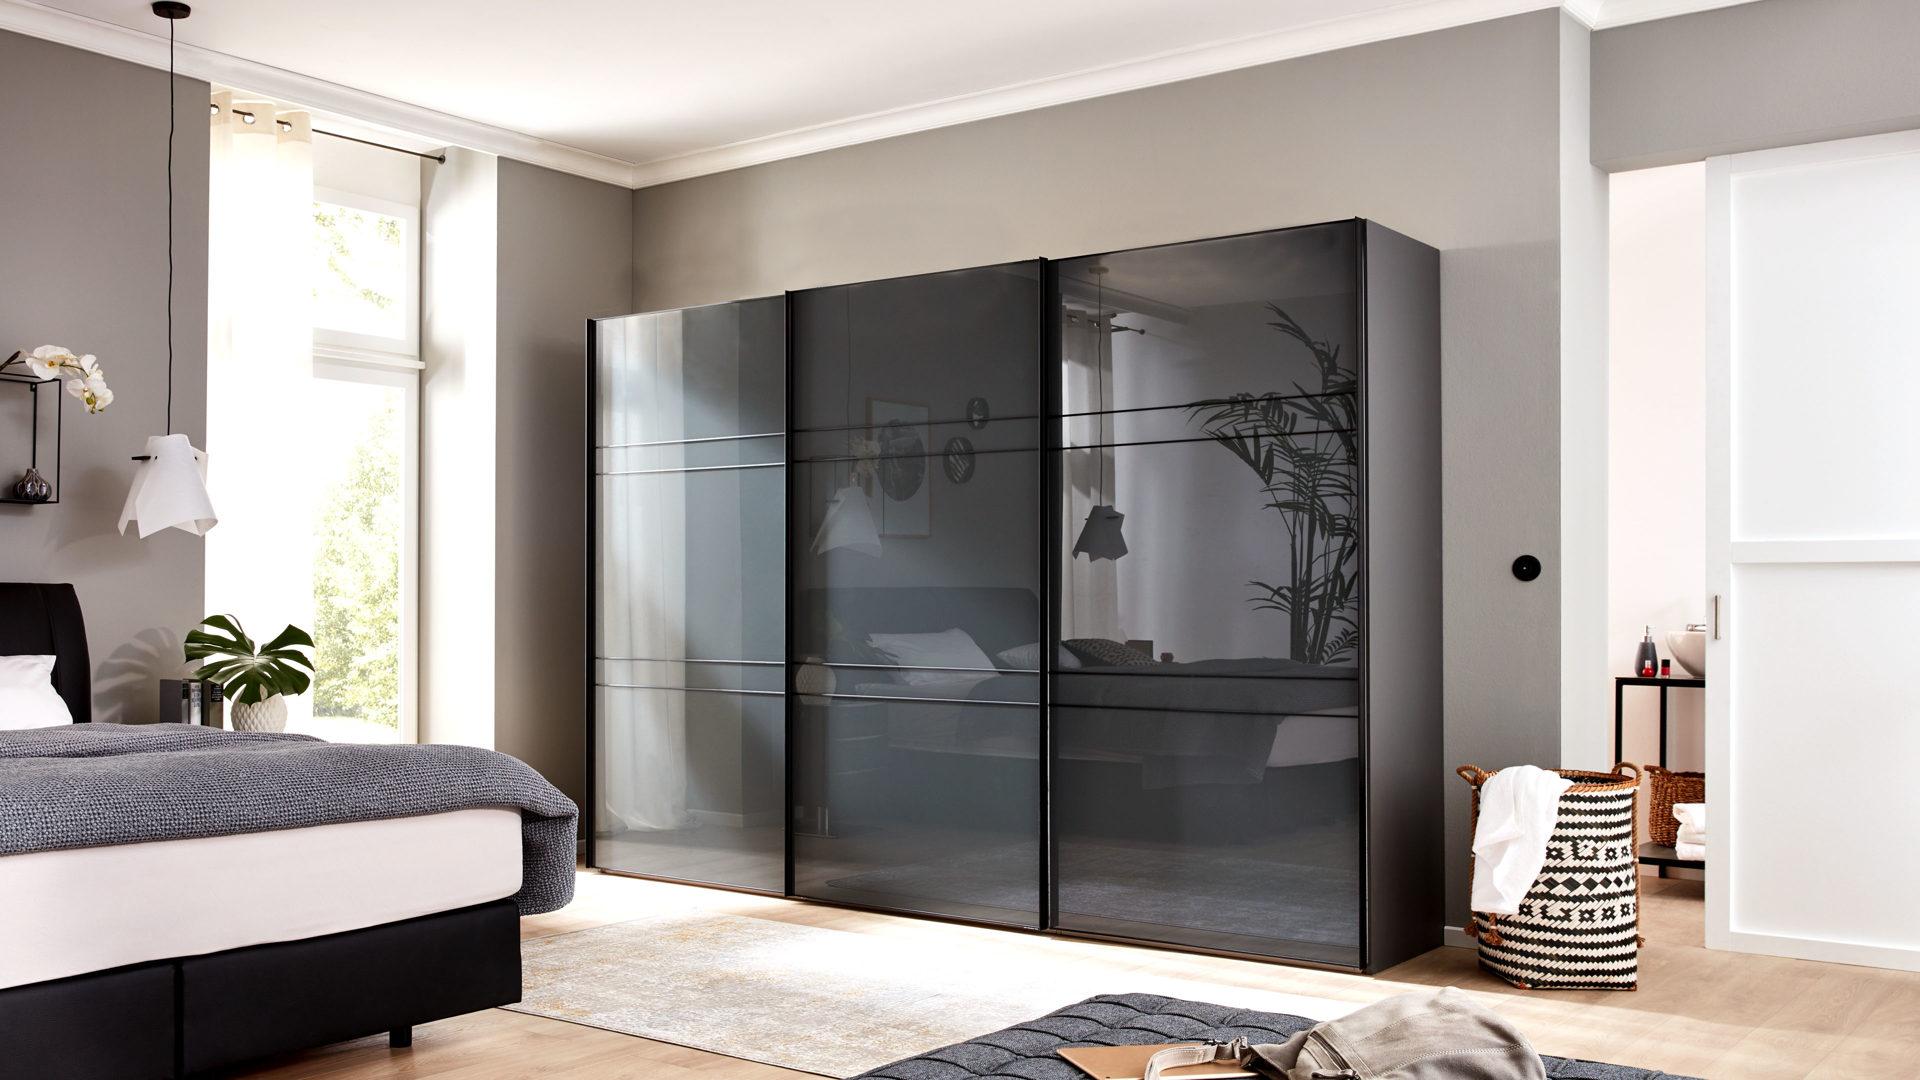 Interliving Kleiderschrank Serie 1203 Vulkanfarbene Glas Und